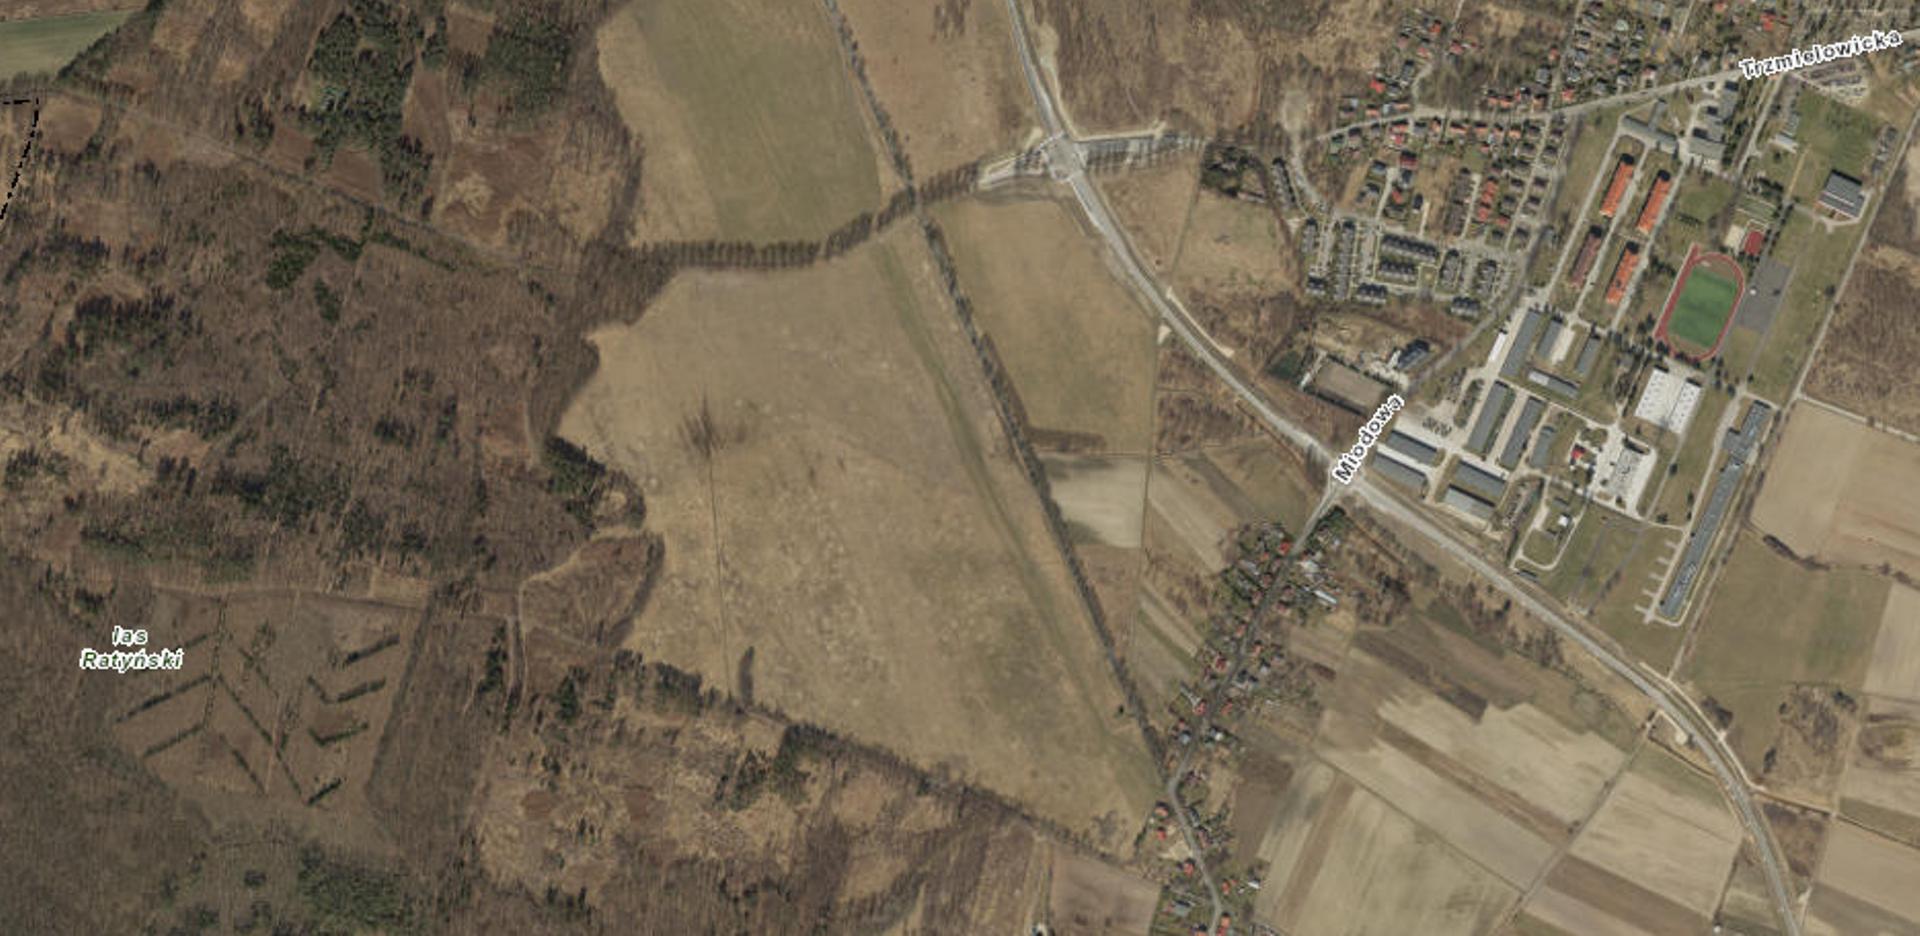 Wrocław: Arkop chce zagospodarować blisko 20 hektarów przy Lesie Ratyńskim